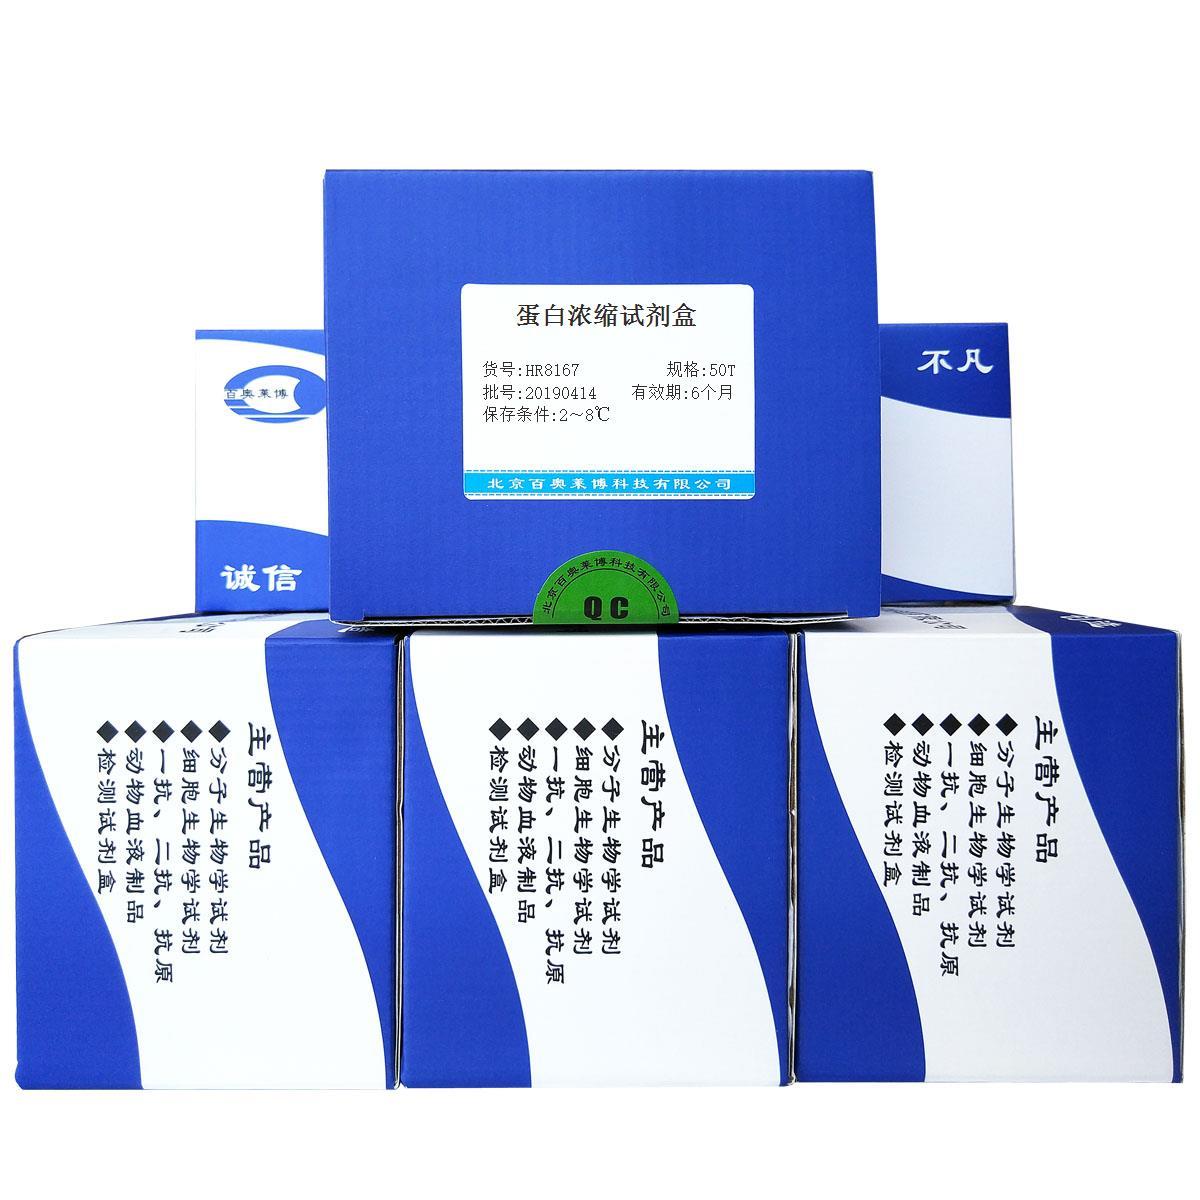 蛋白浓缩试剂盒北京现货